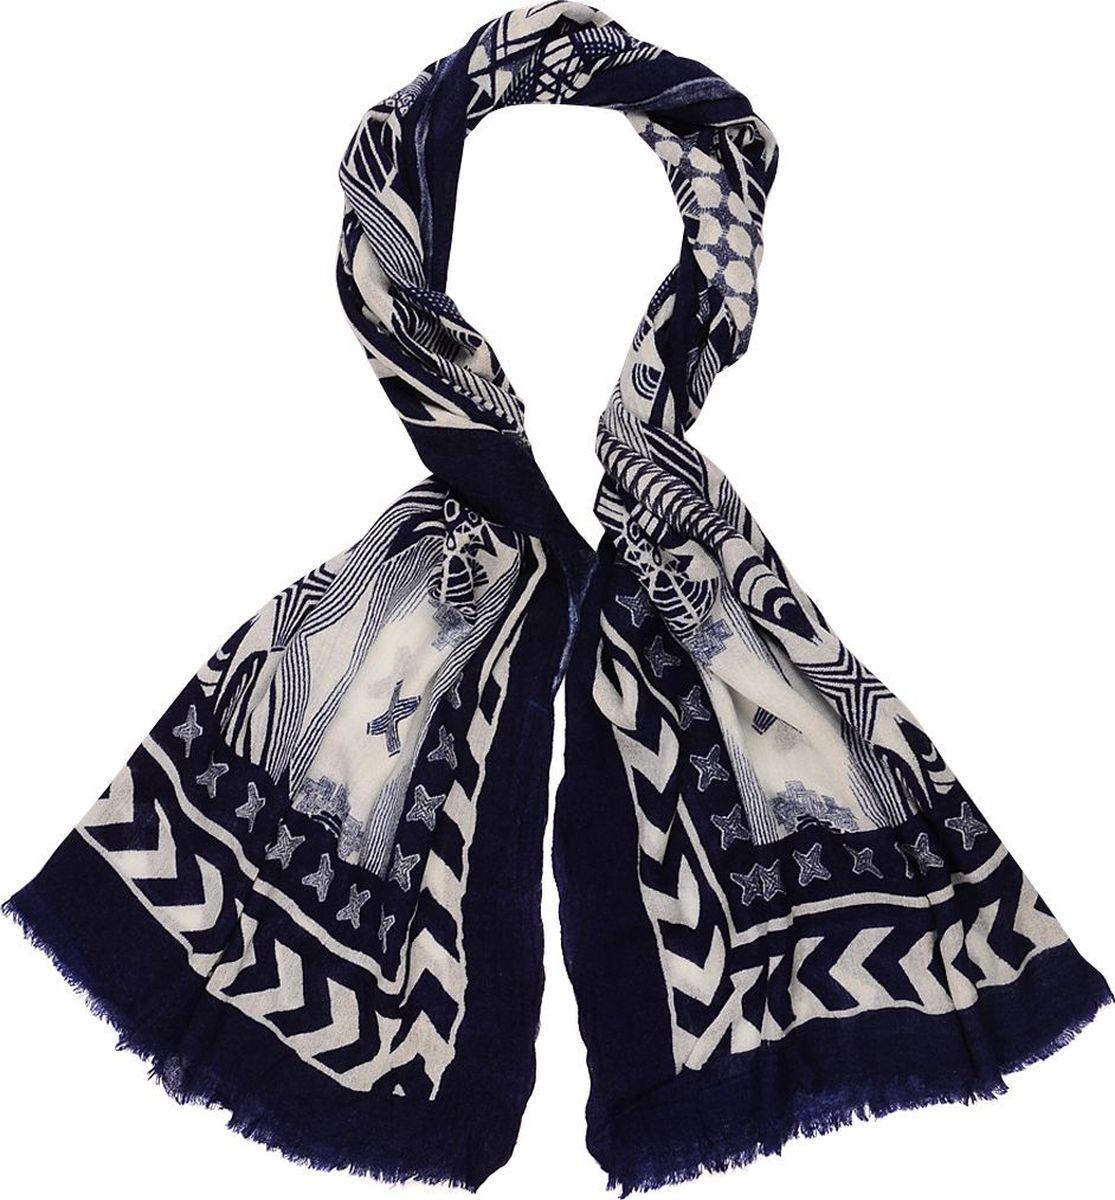 Палантин Laccom, цвет: темно-синий, серый. 3314. Размер 190 см х 90 см3314GПалантин от Laccom, выполненный из высококачественного материала, приятный на ощупь и подойдет к любому стилю.